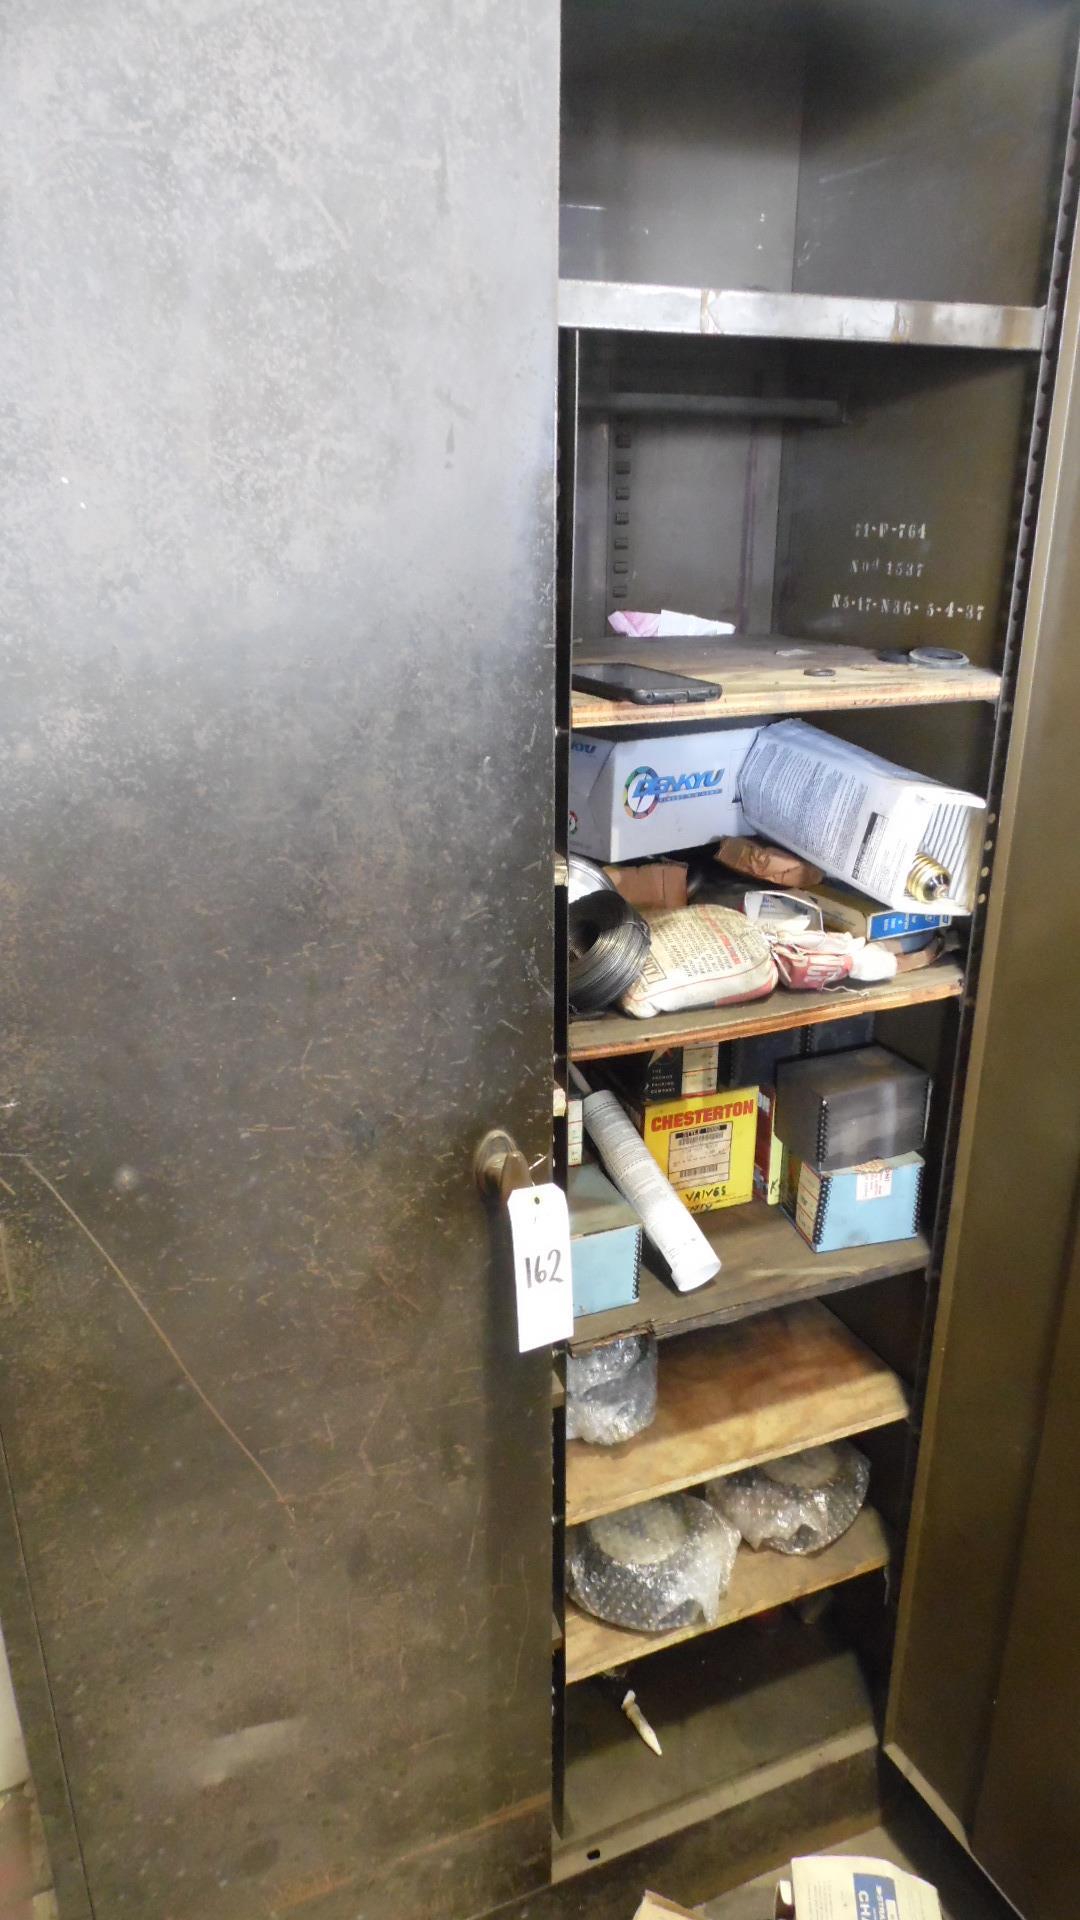 Lot 162 - 2-DOOR METAL CABINET w/ CONTENTS